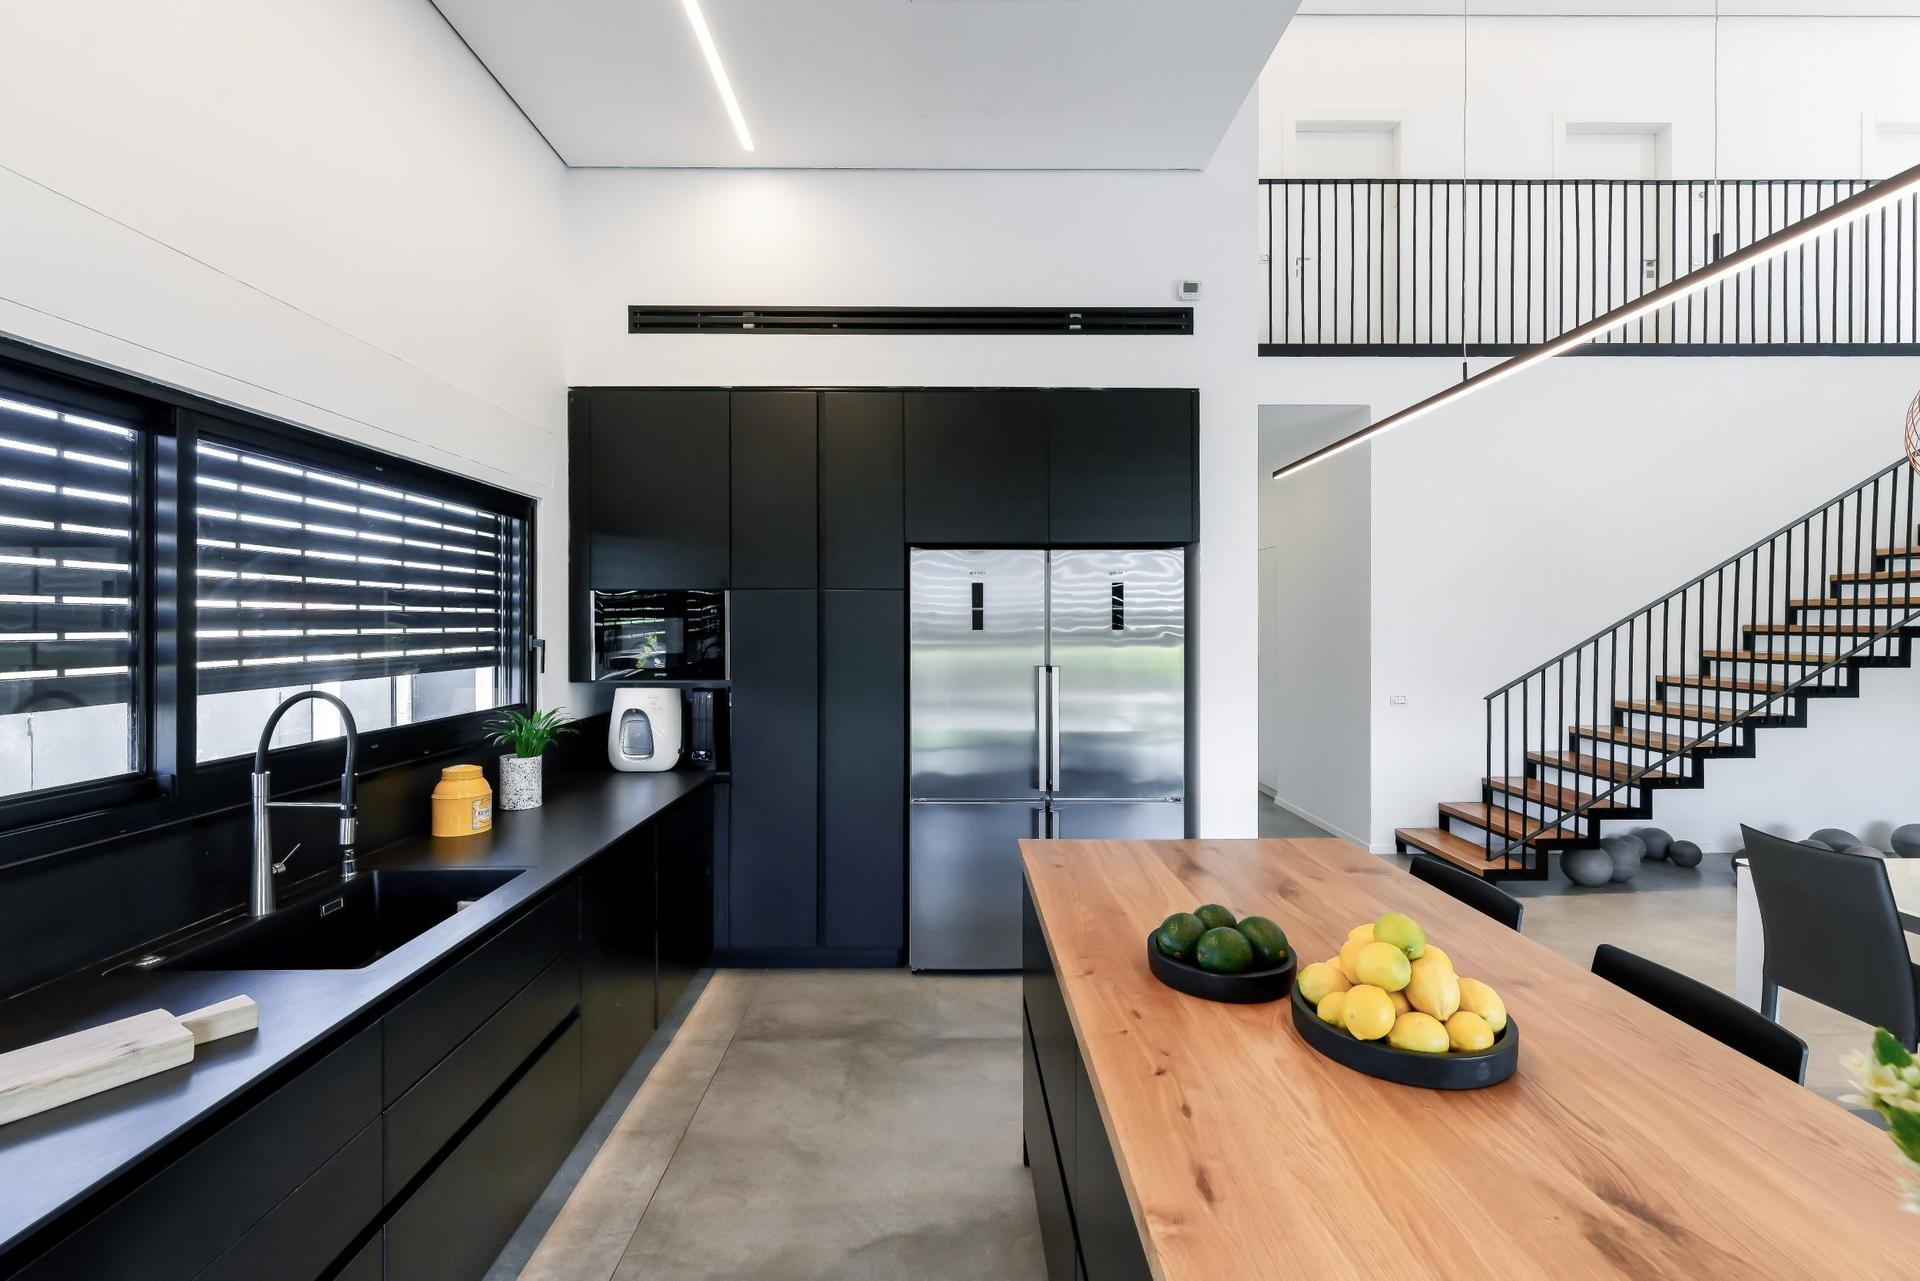 מבט אל המטבח. צילום: יואל אליווה